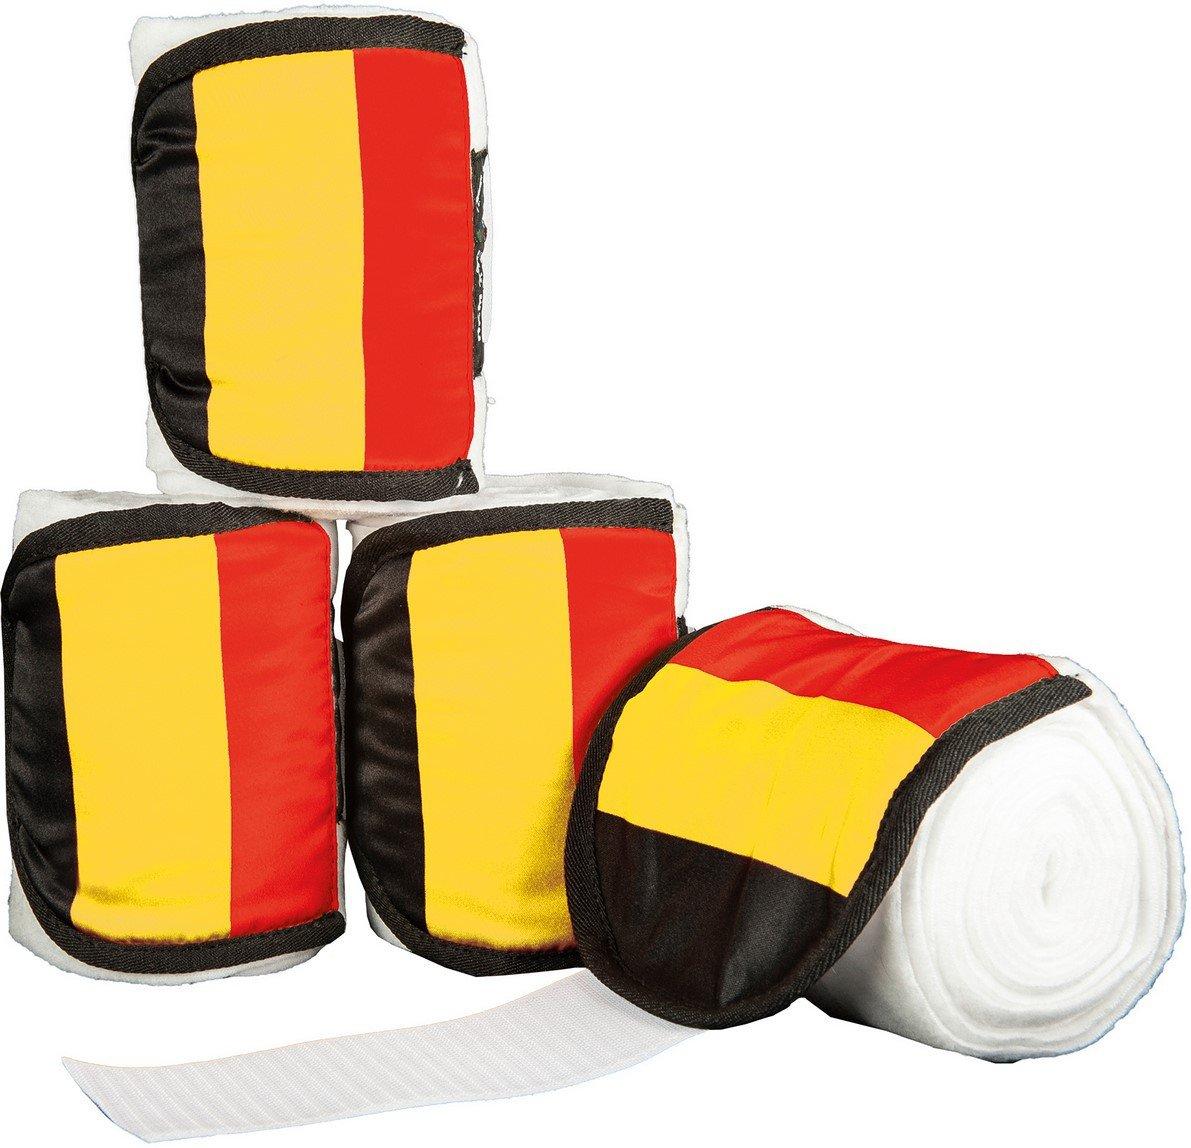 HKM Bandages en Polaire pour Chevaux Drapeaux, Lot de 4